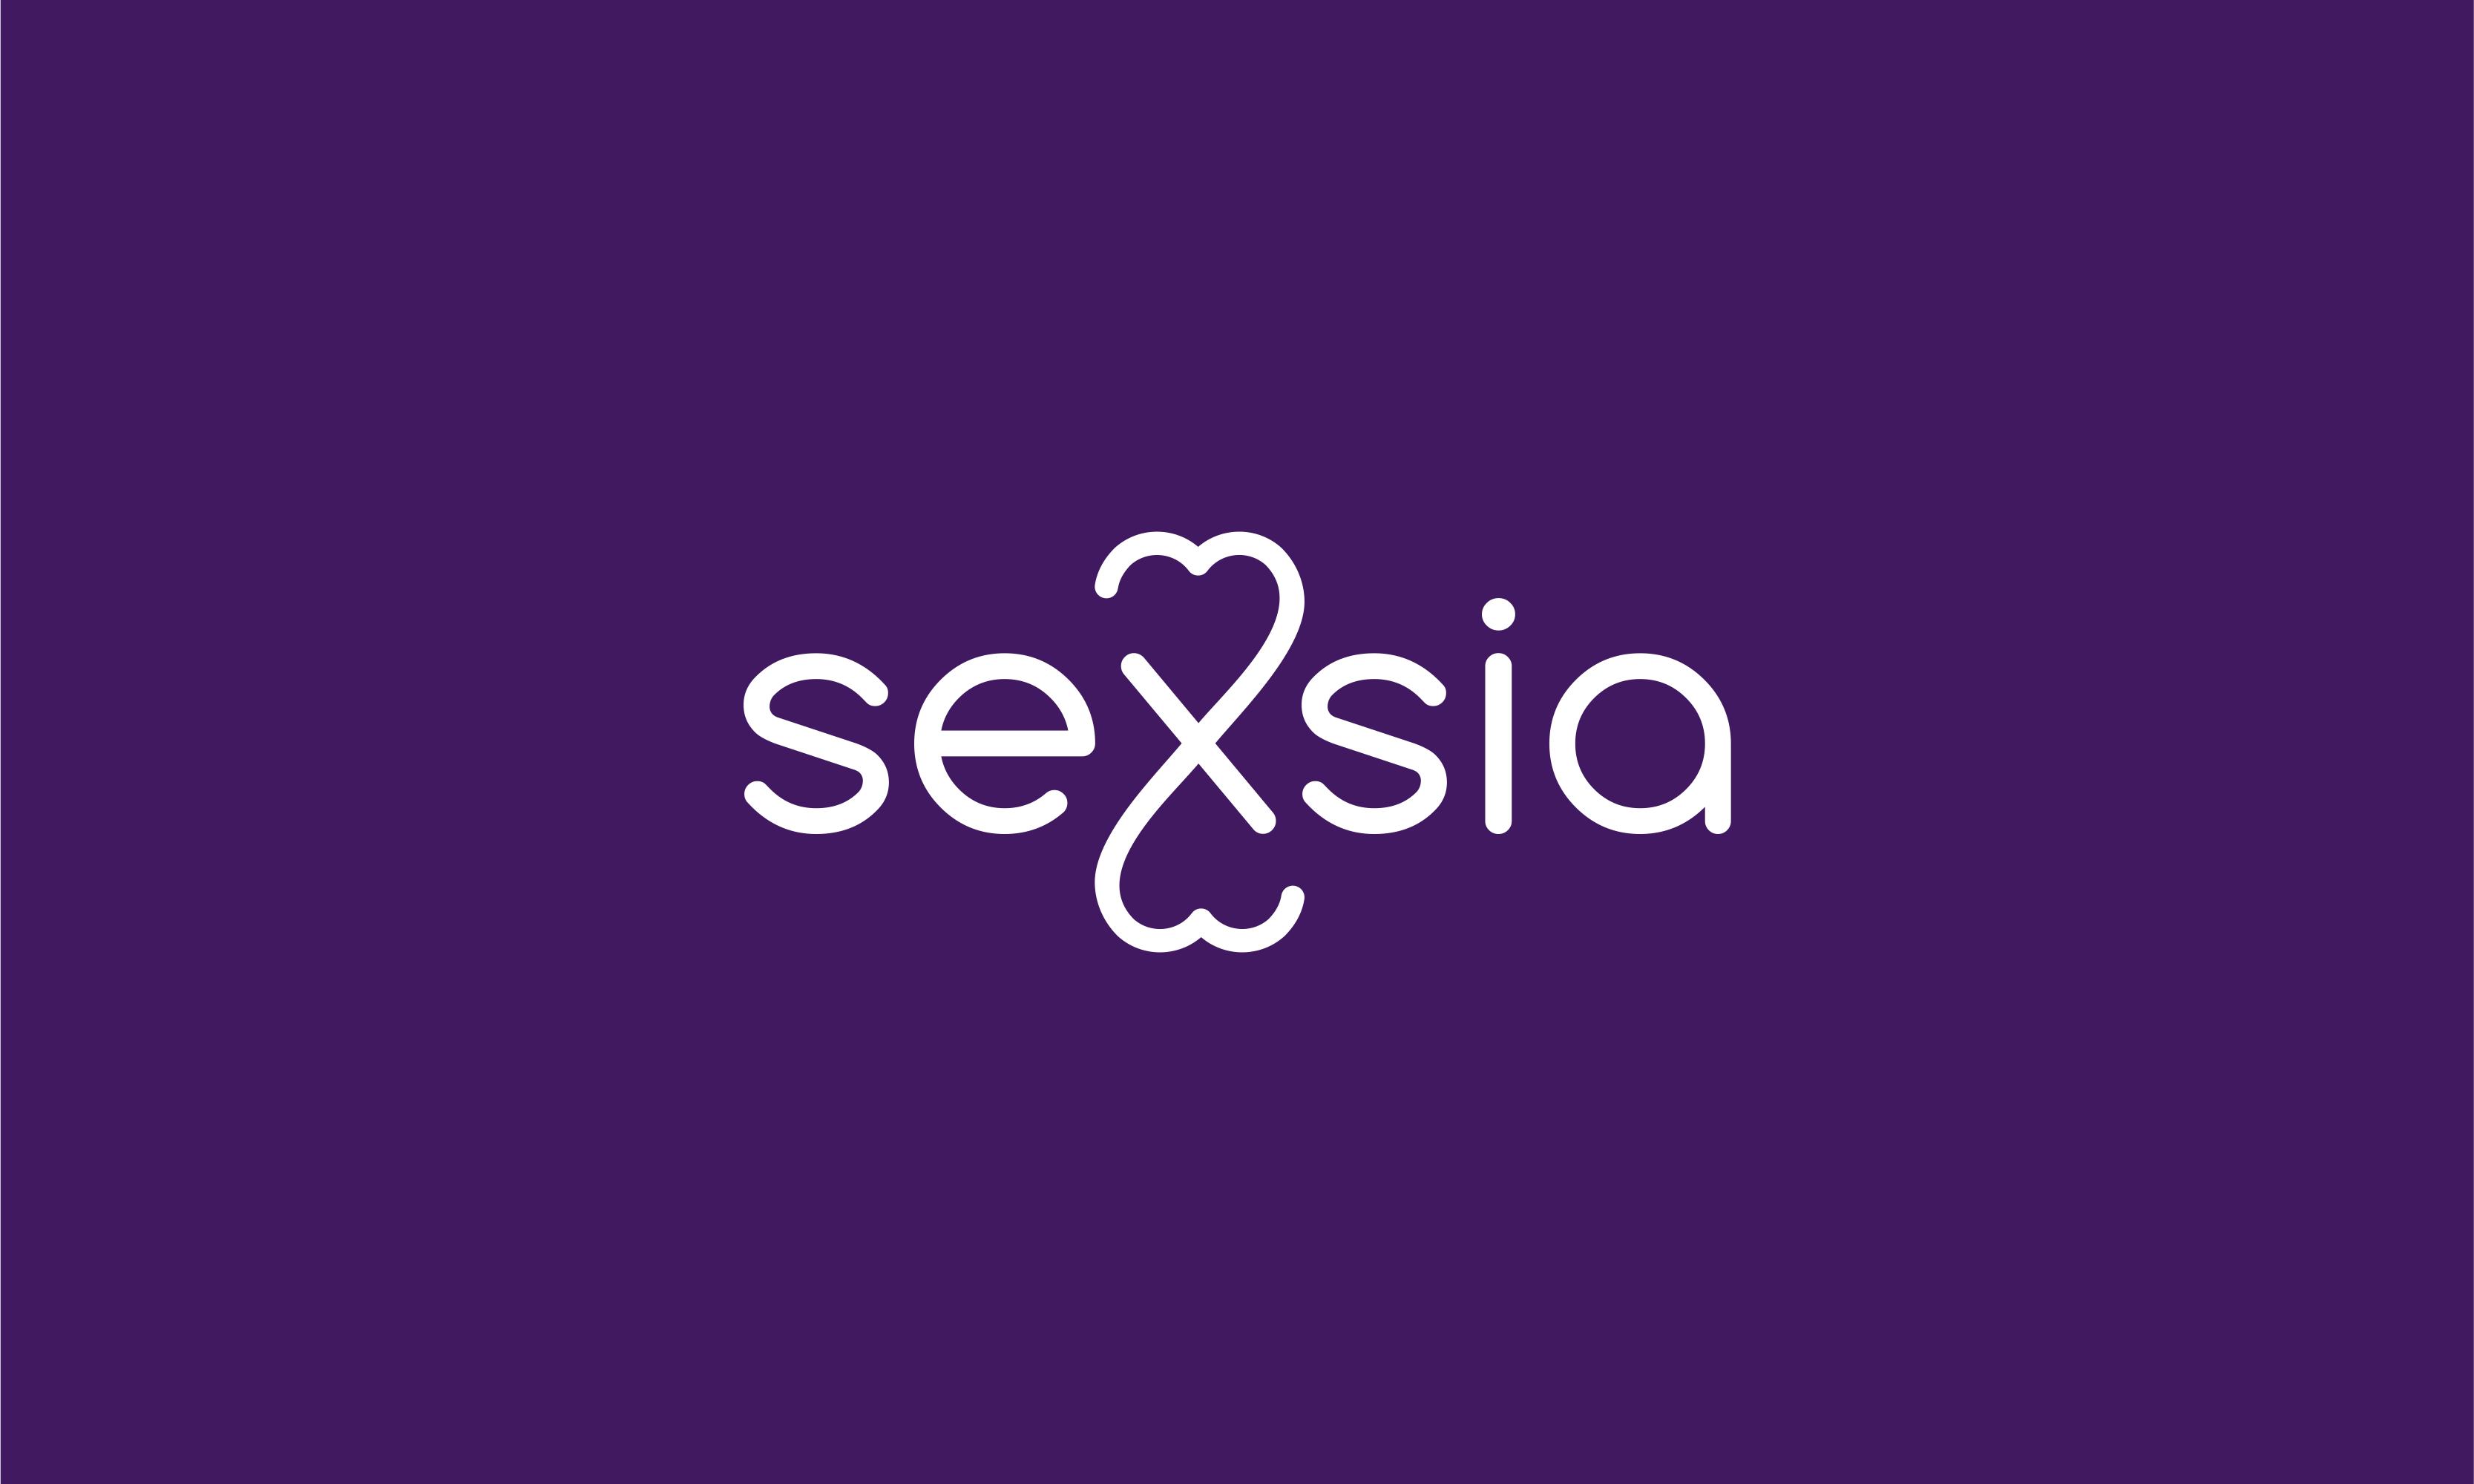 sexsia logo